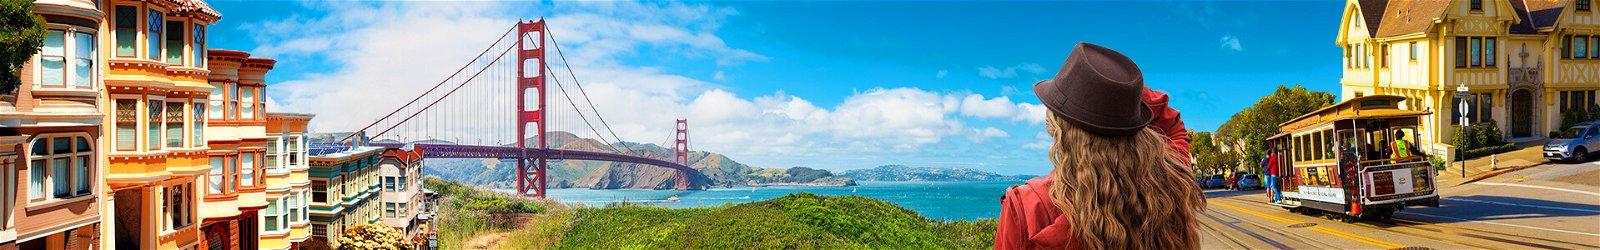 Viaje a San Francisco desde México 2020